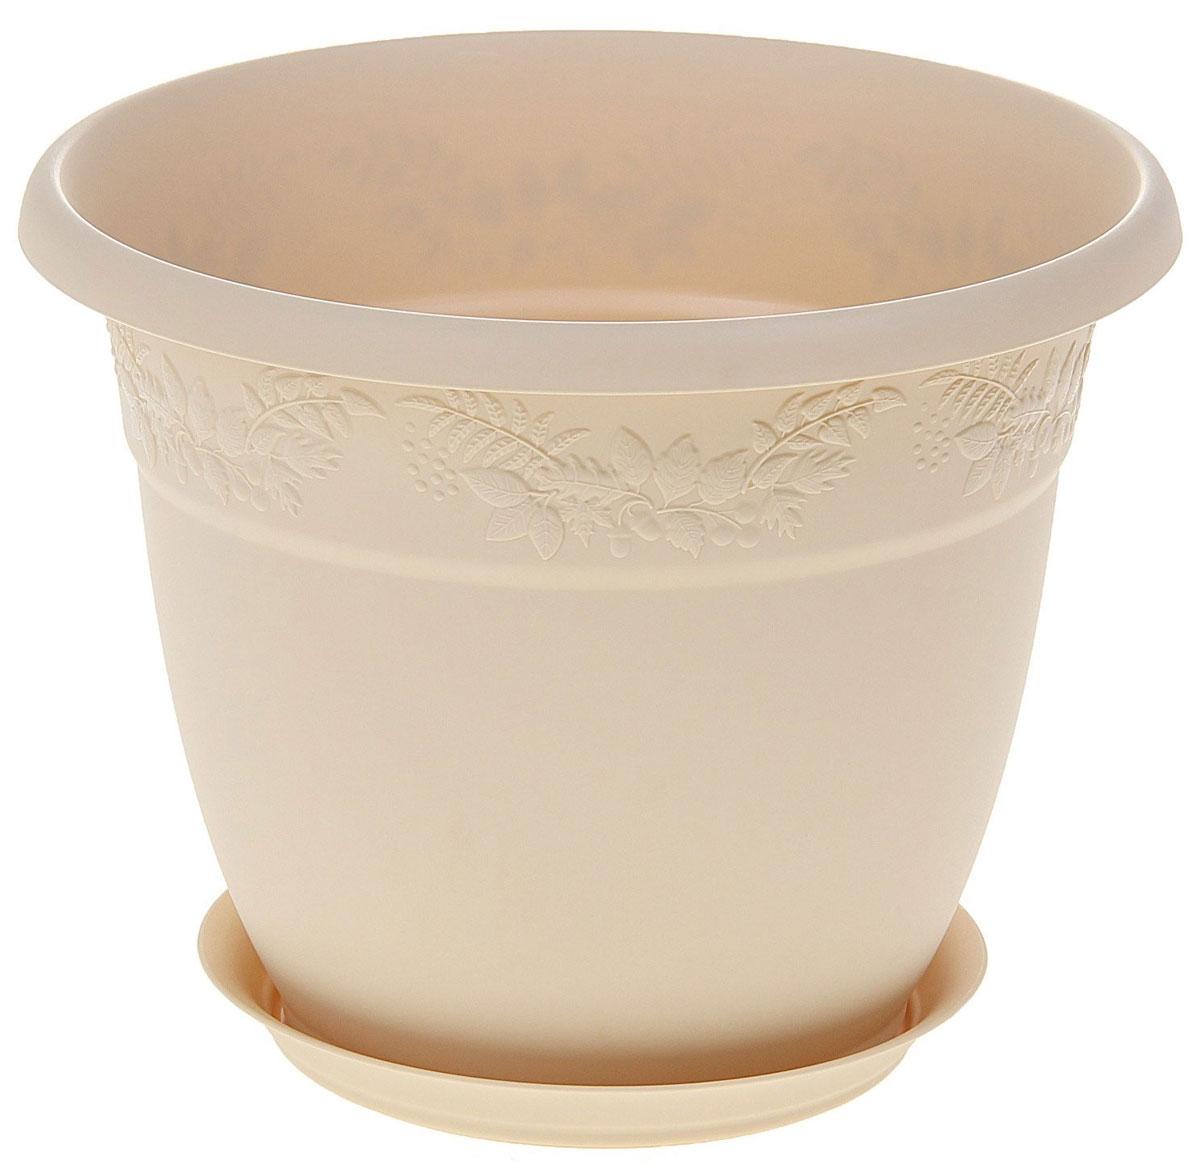 Кашпо Idea Рябина, с поддоном, цвет: белая глина, 5 лМ 3056Кашпо Idea Рябина изготовлено из высококачественного полипропилена (пластика). Специальный поддон предназначен для стока воды. Изделие прекрасно подходит для выращивания растений и цветов в домашних условиях. Лаконичный дизайн впишется в интерьер любого помещения. Диаметр поддона: 17,5 см. Объем кашпо: 5 л.Диаметр кашпо по верхнему краю: 25 см.Высота кашпо: 20 см.